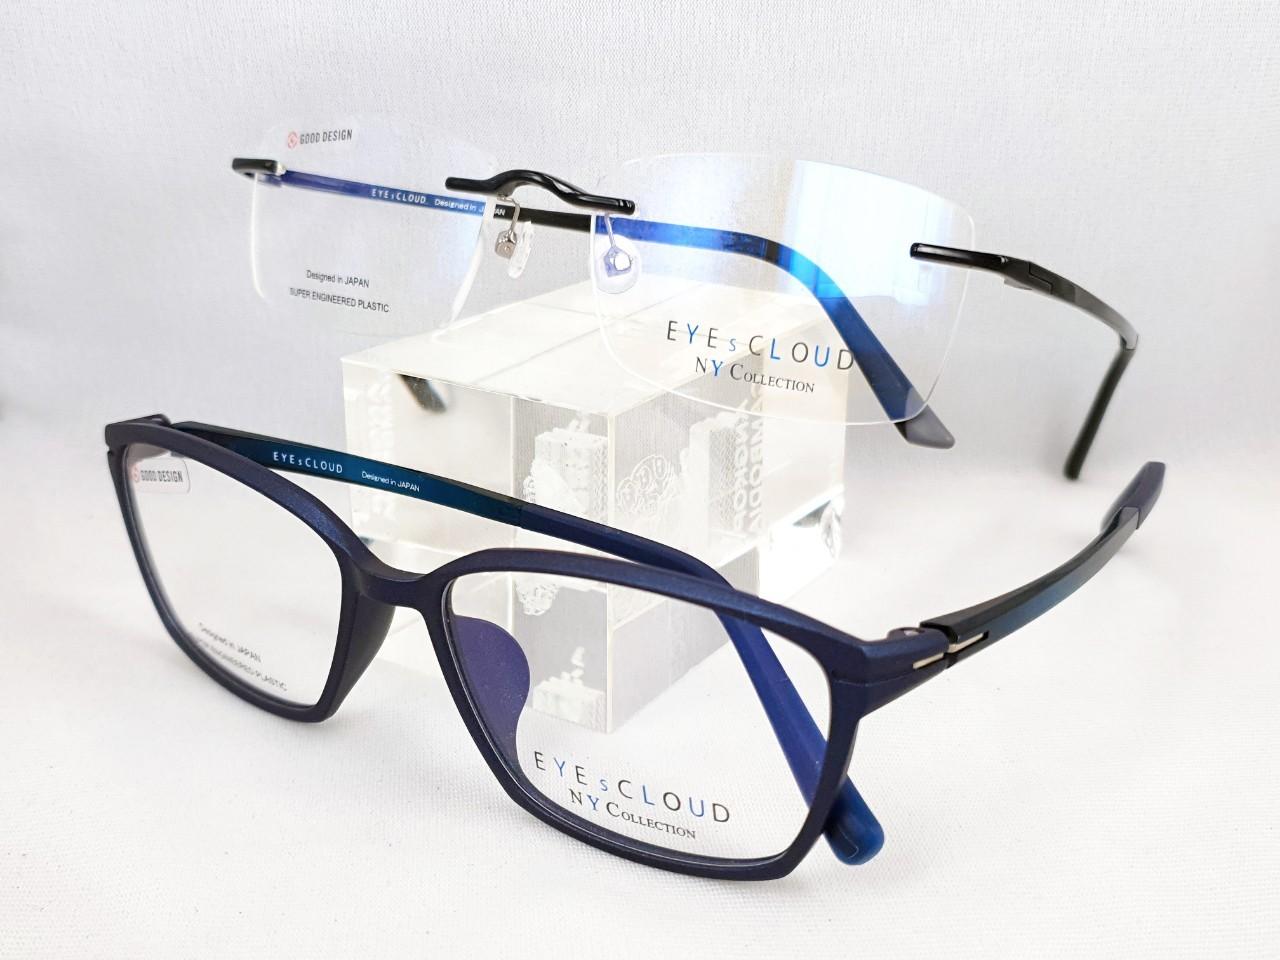 民視眼鏡品牌Eyes cloud_200102_0002